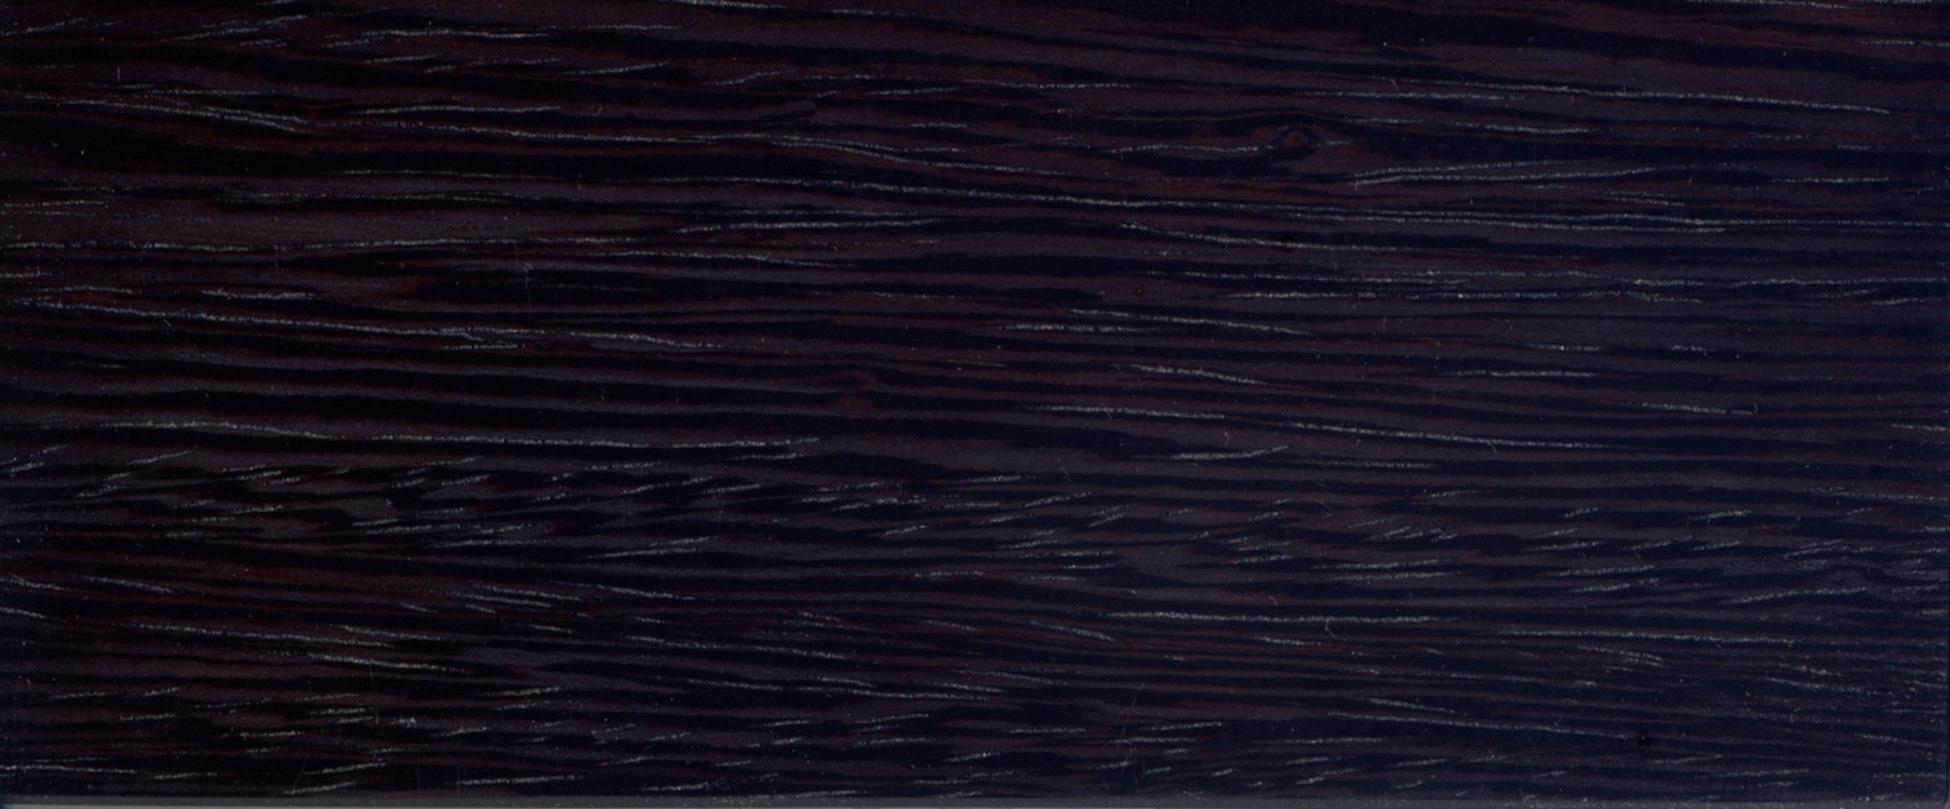 wenge - dark stained